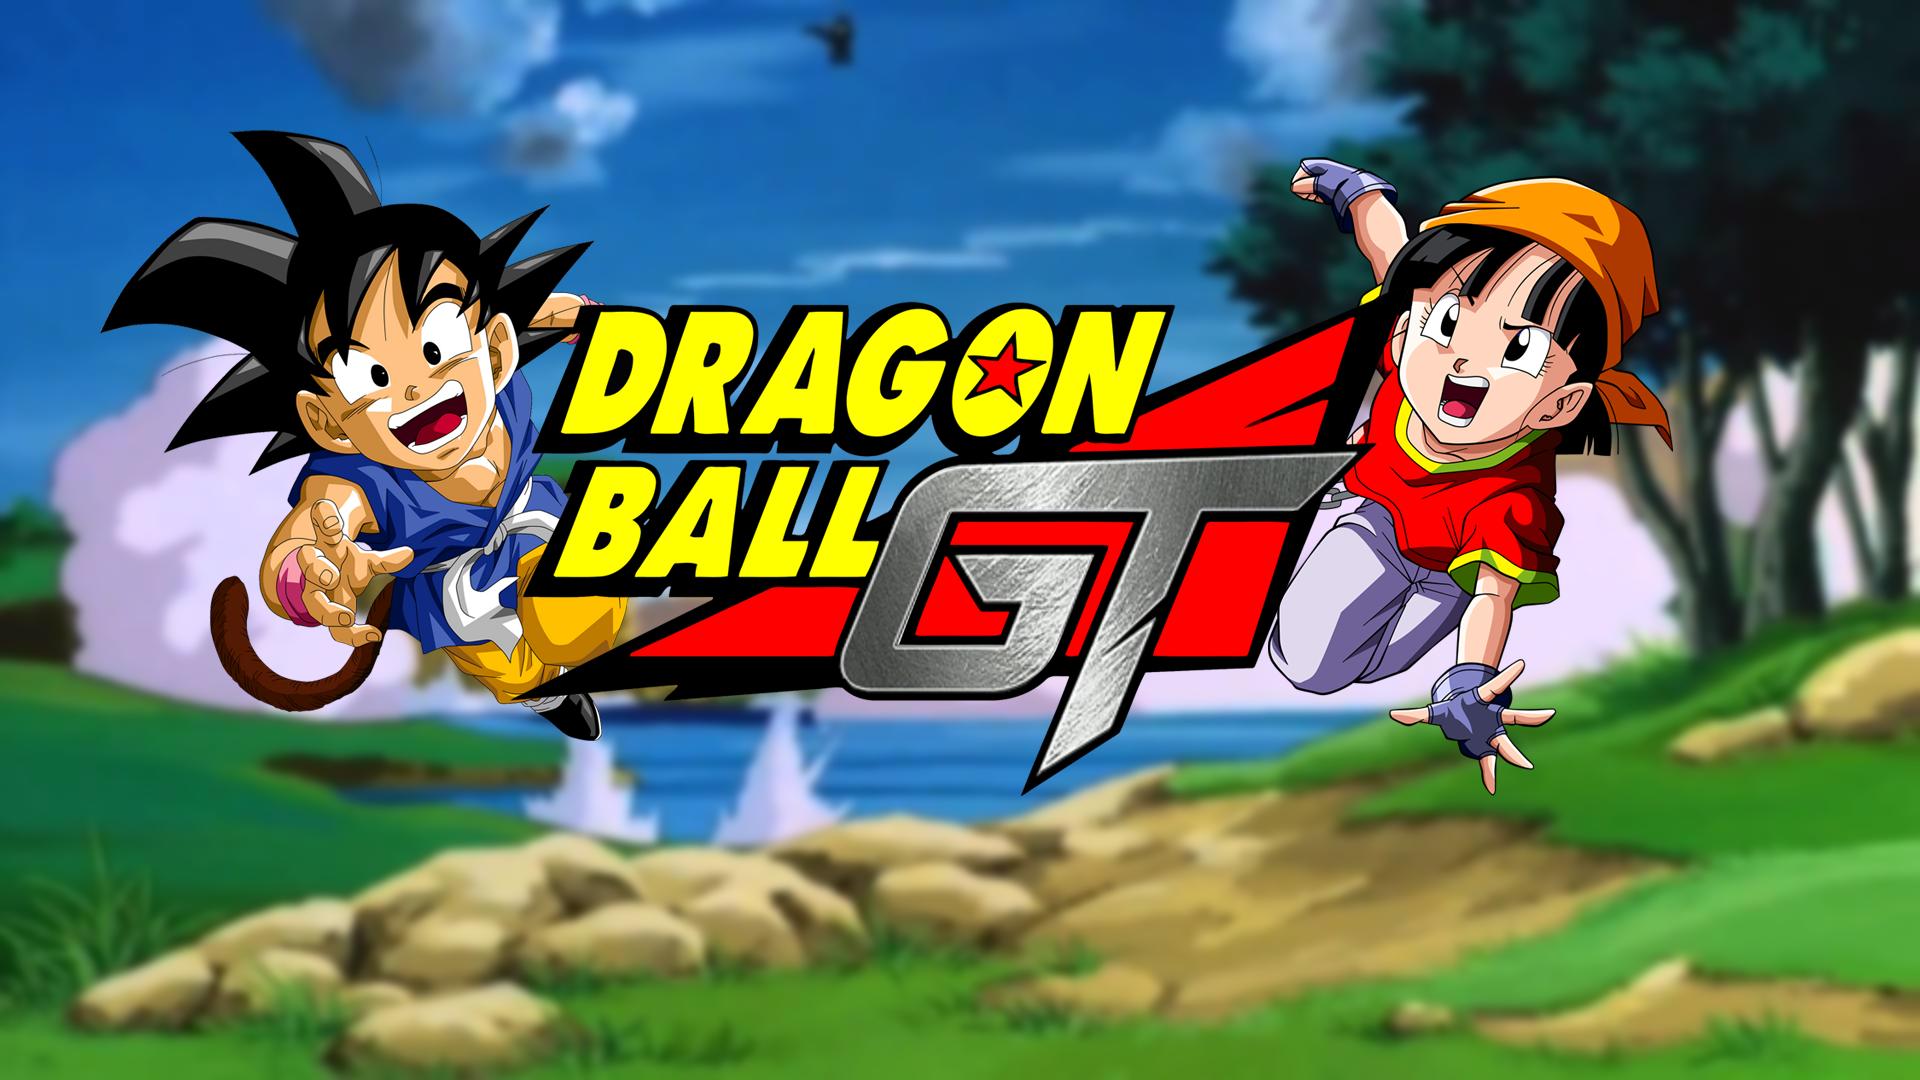 Dragon Ball Gt Hd Wallpaper Hintergrund 1920x1080 Id 782039